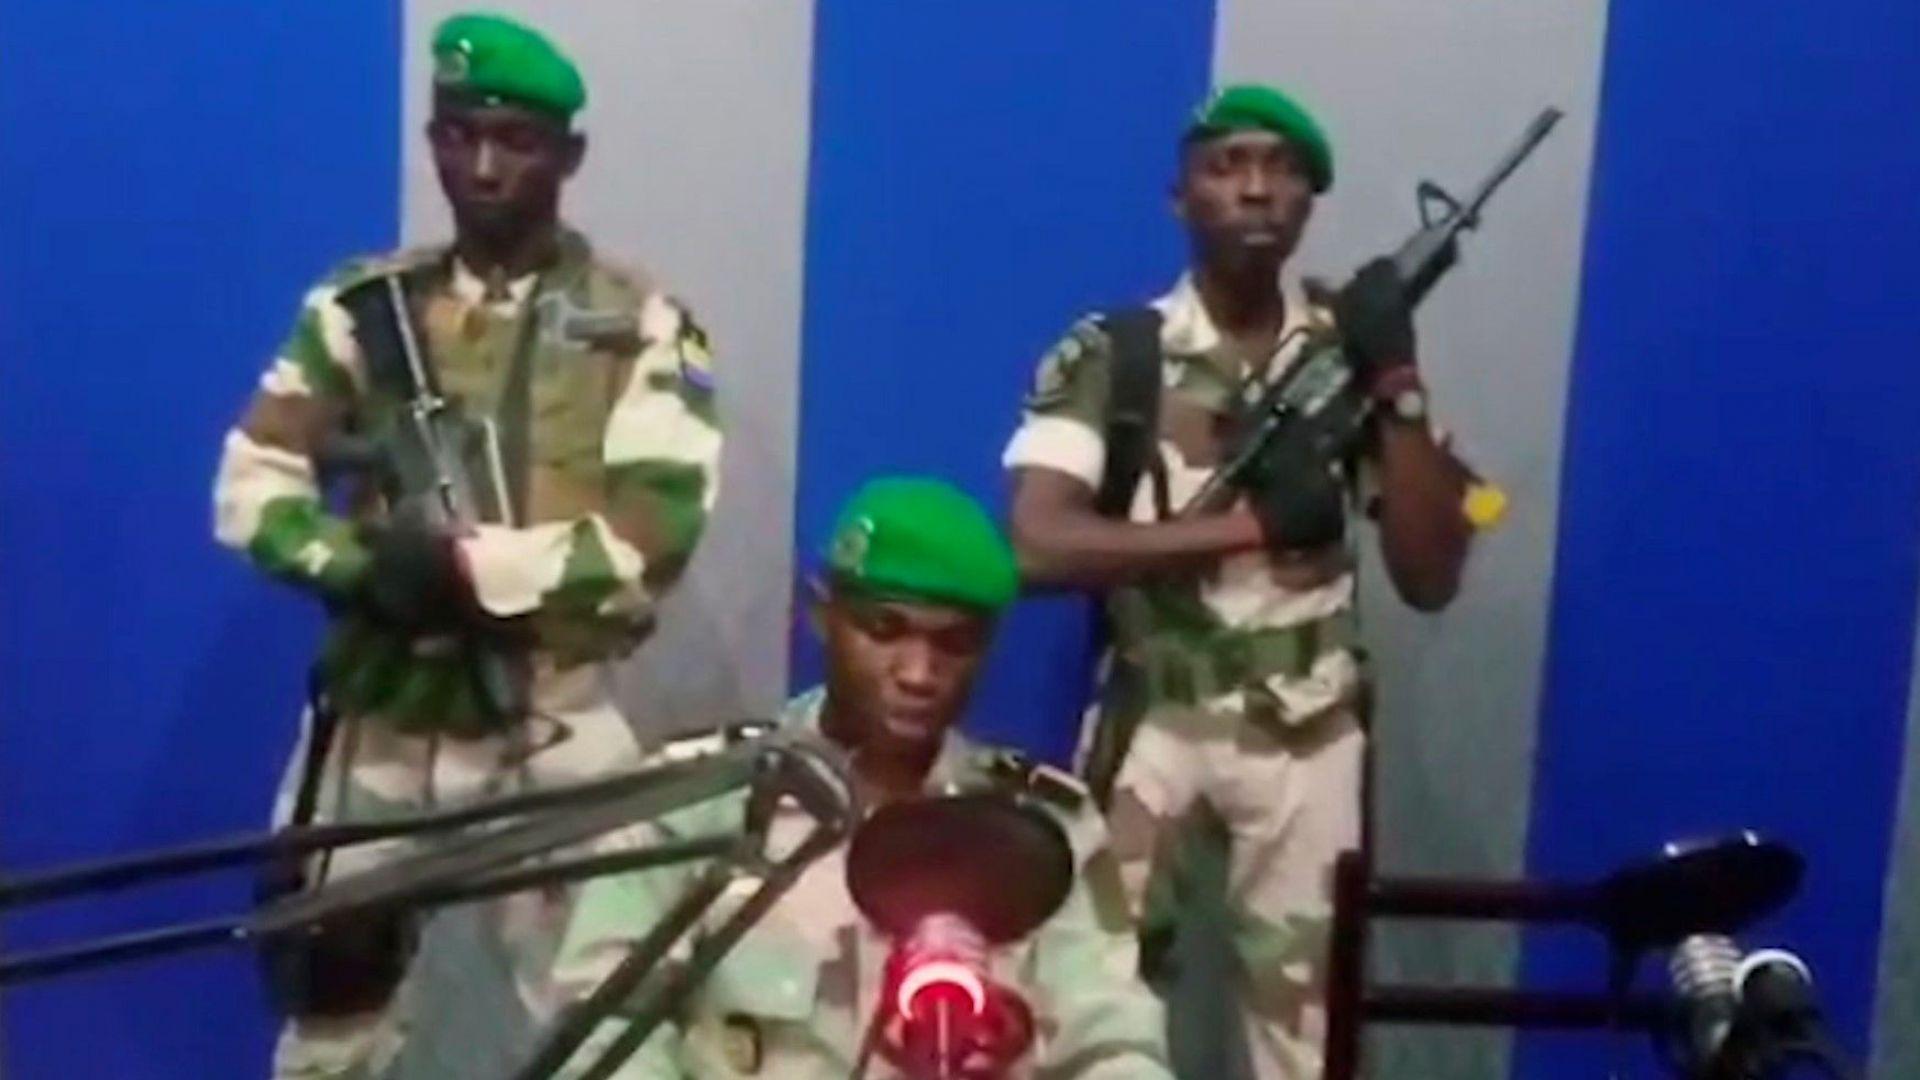 Четирима офицери бяха арестувани в Габон след неуспешен опит за преврат